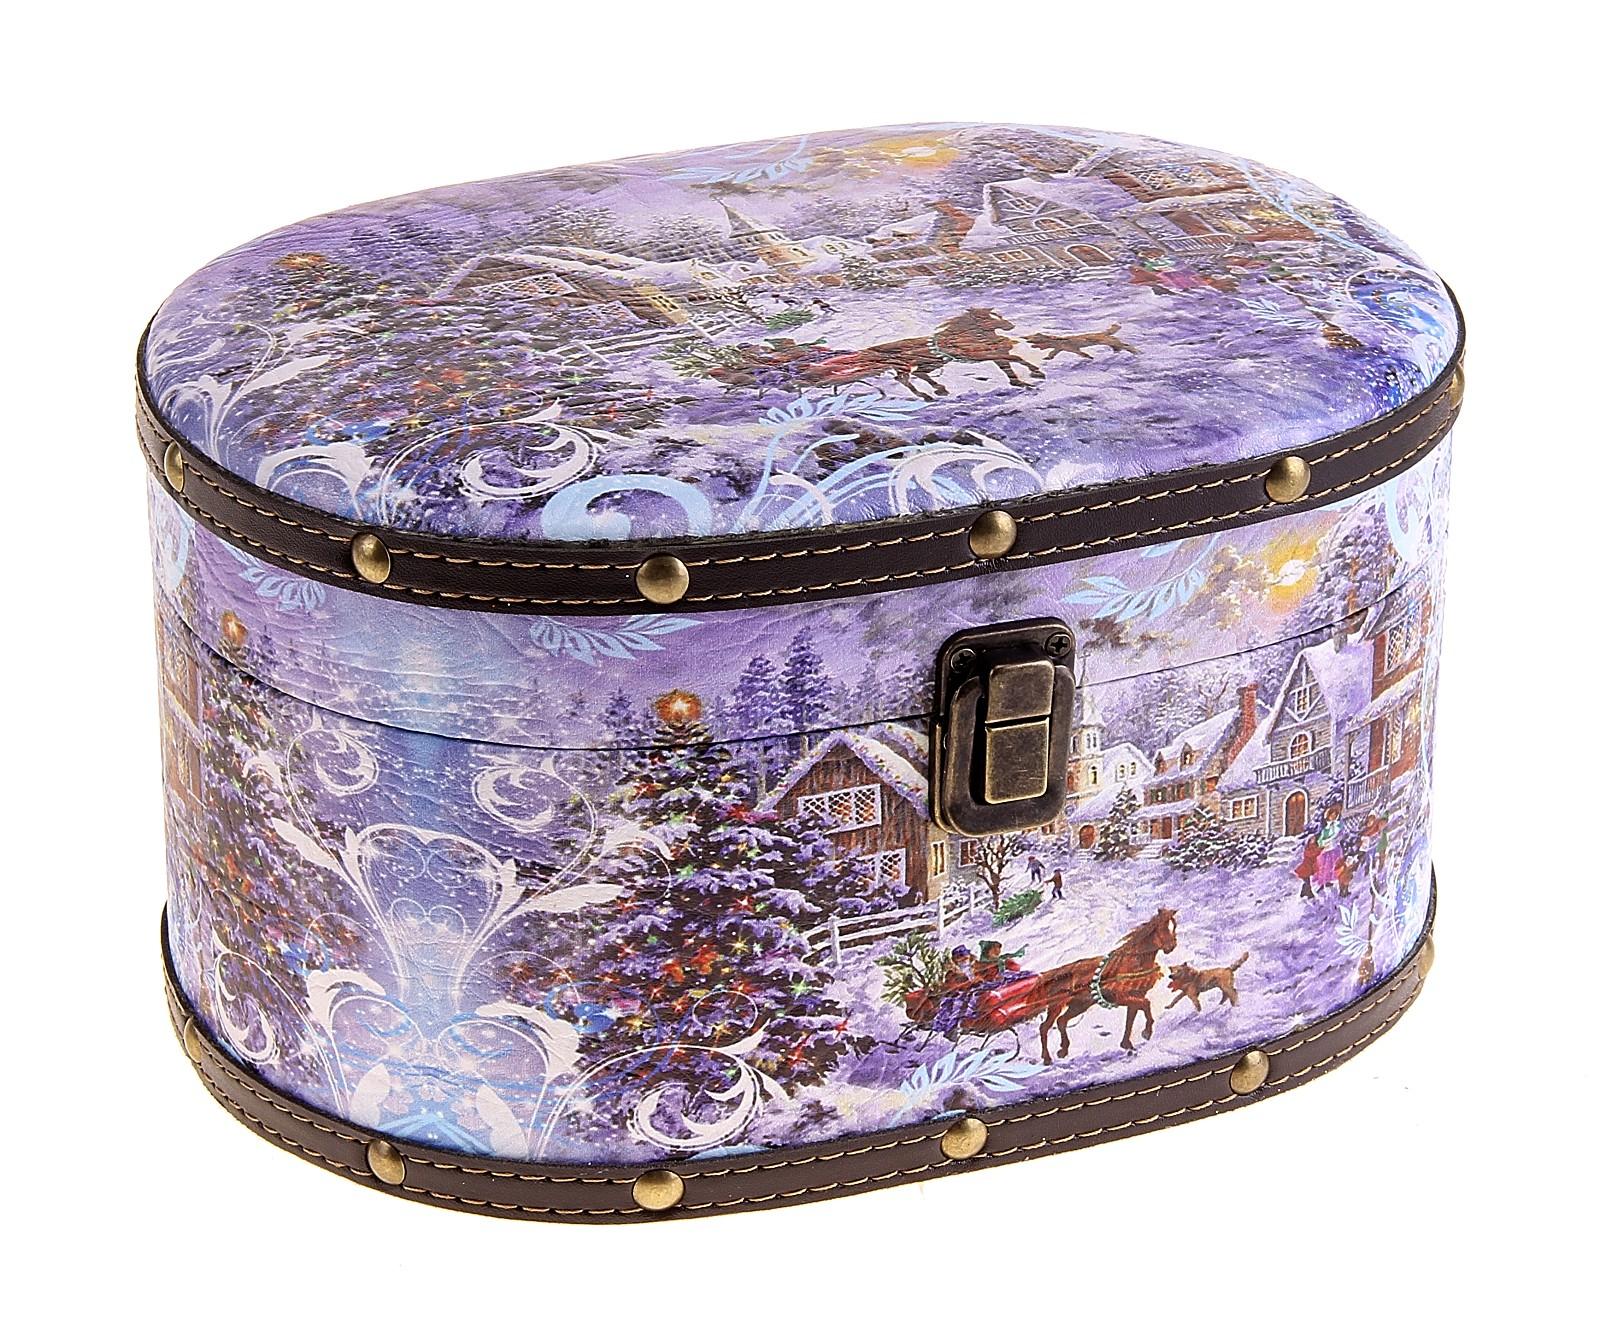 Шкатулка овальная Новогодняя сказка, 24 см х 13,5 см х 17 см680134Оригинальное оформление шкатулки Новогодняя сказка, несомненно, привлечет внимание. Она имеет овальную форму. Поверхность шкатулки состоит из кожзама, оформленного картинкой с новогодним пейзажем. Шкатулка закрывается на крепкий металлический замочек.Такая шкатулка может использоваться для хранения бижутерии, в качестве украшения интерьера, а также послужит хорошим подарком для человека, ценящего практичные и оригинальные вещицы. Характеристики:Материал: дерево, металл, кожзам. Размер шкатулки: 24 см х 13,5 см х 17 см. Размер упаковки: 25,5 см х 18,5 см х 14,5 см. Артикул: 680136.